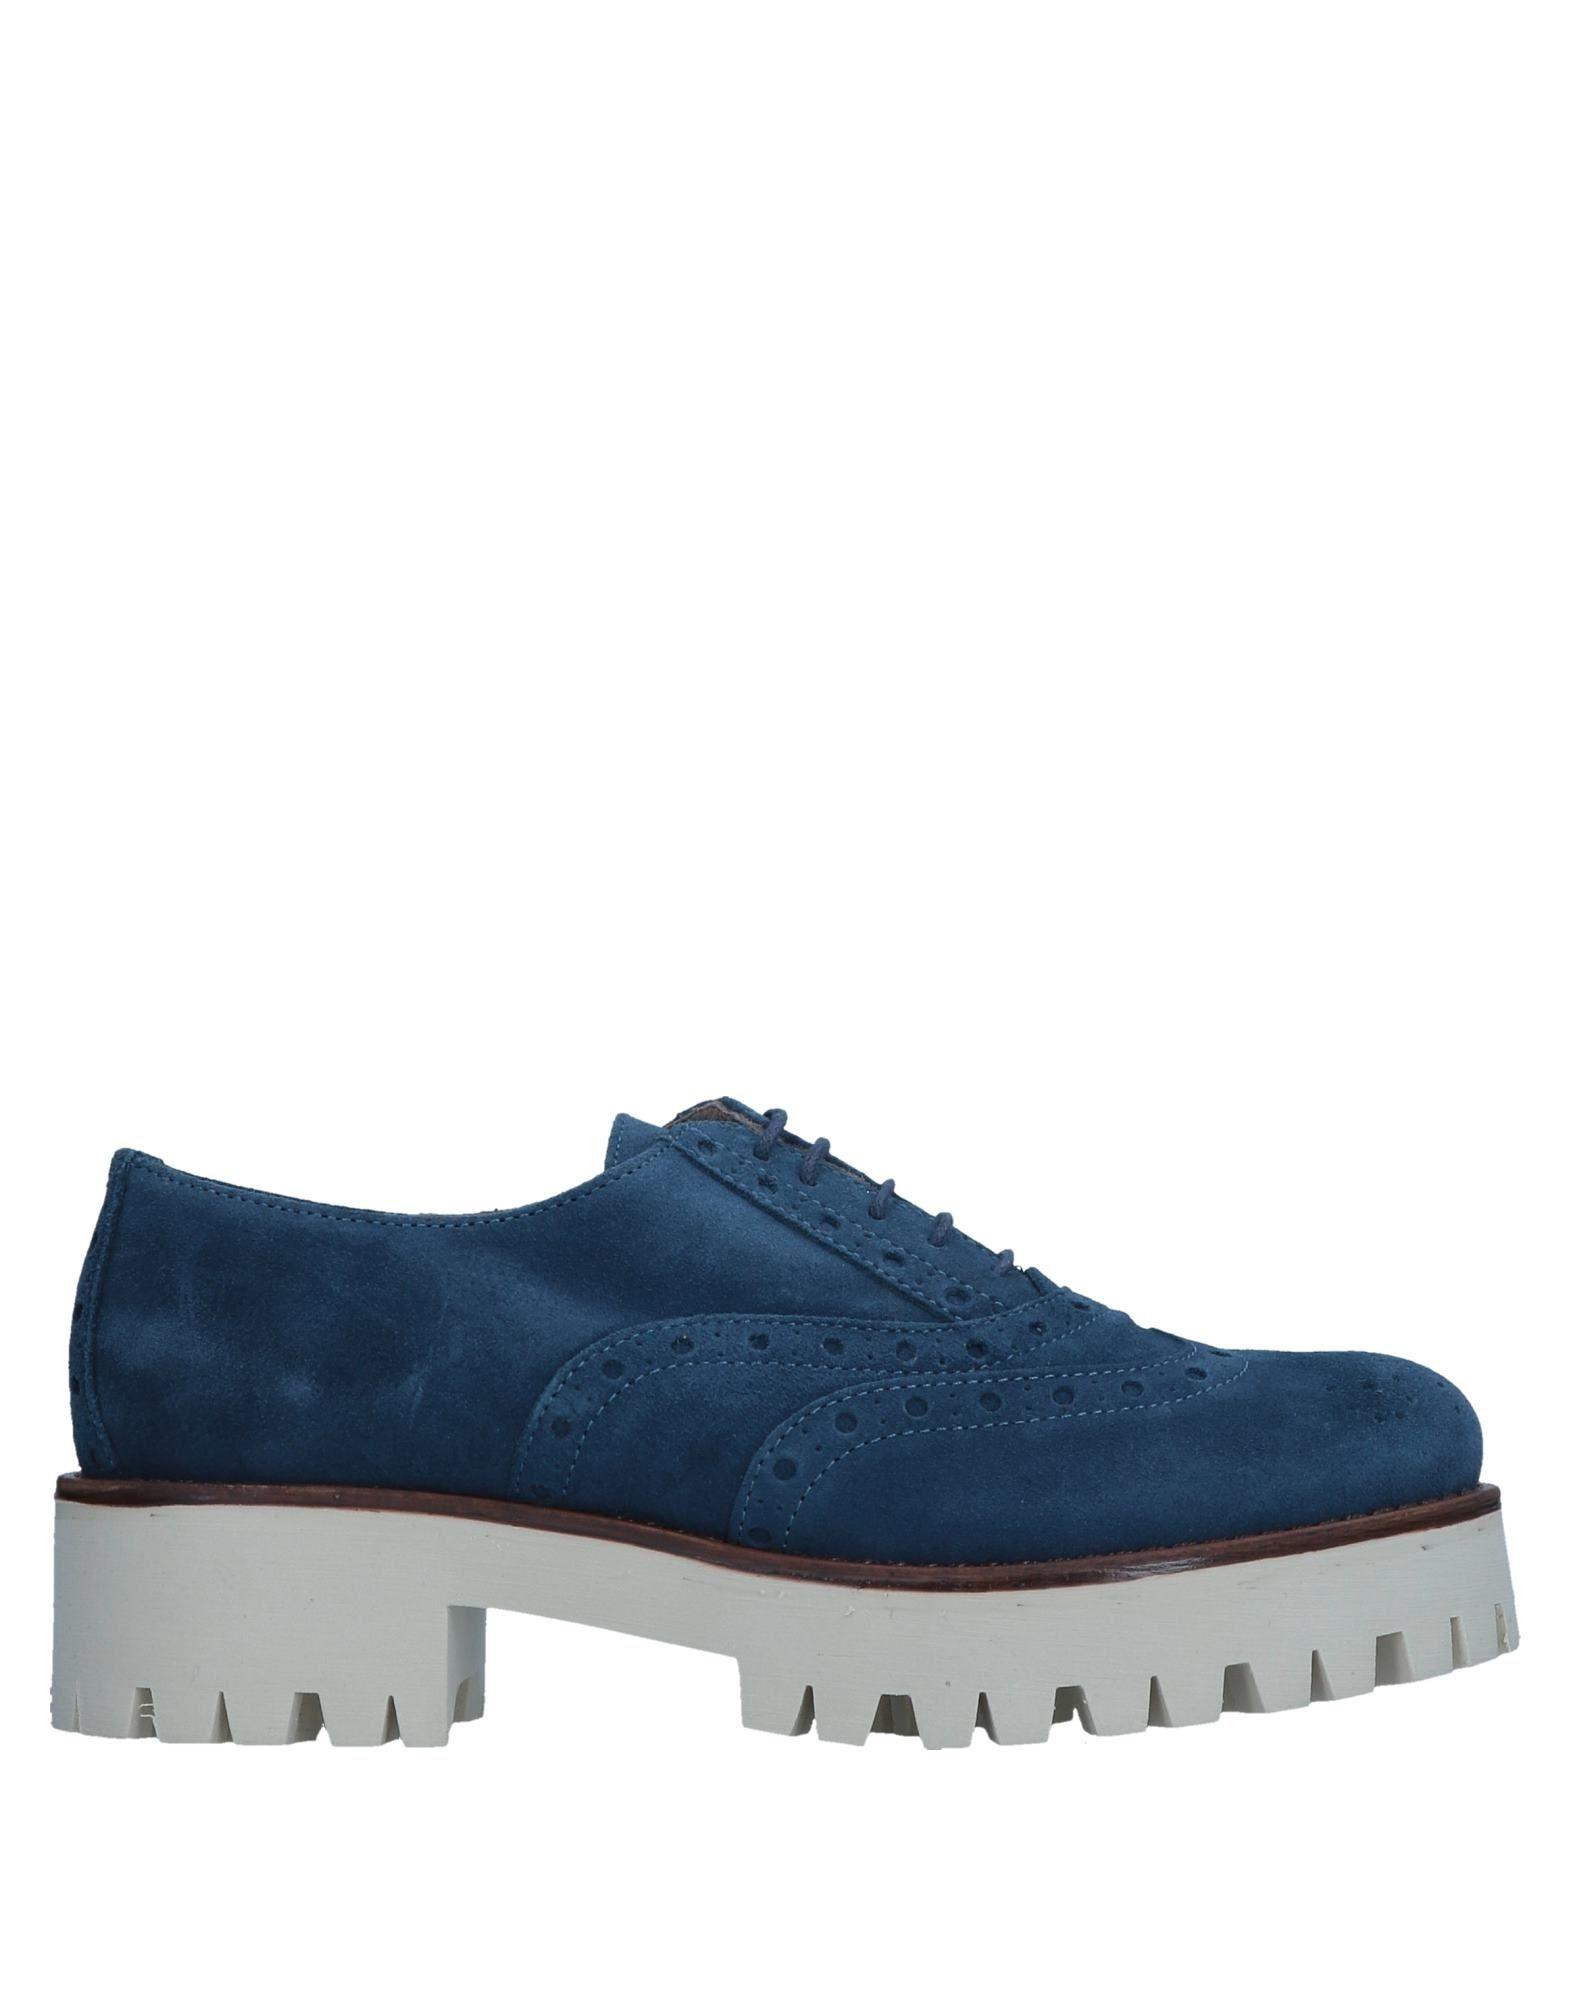 Flavio Creation Schnürschuhe Damen  11547486MQ Gute Qualität beliebte Schuhe